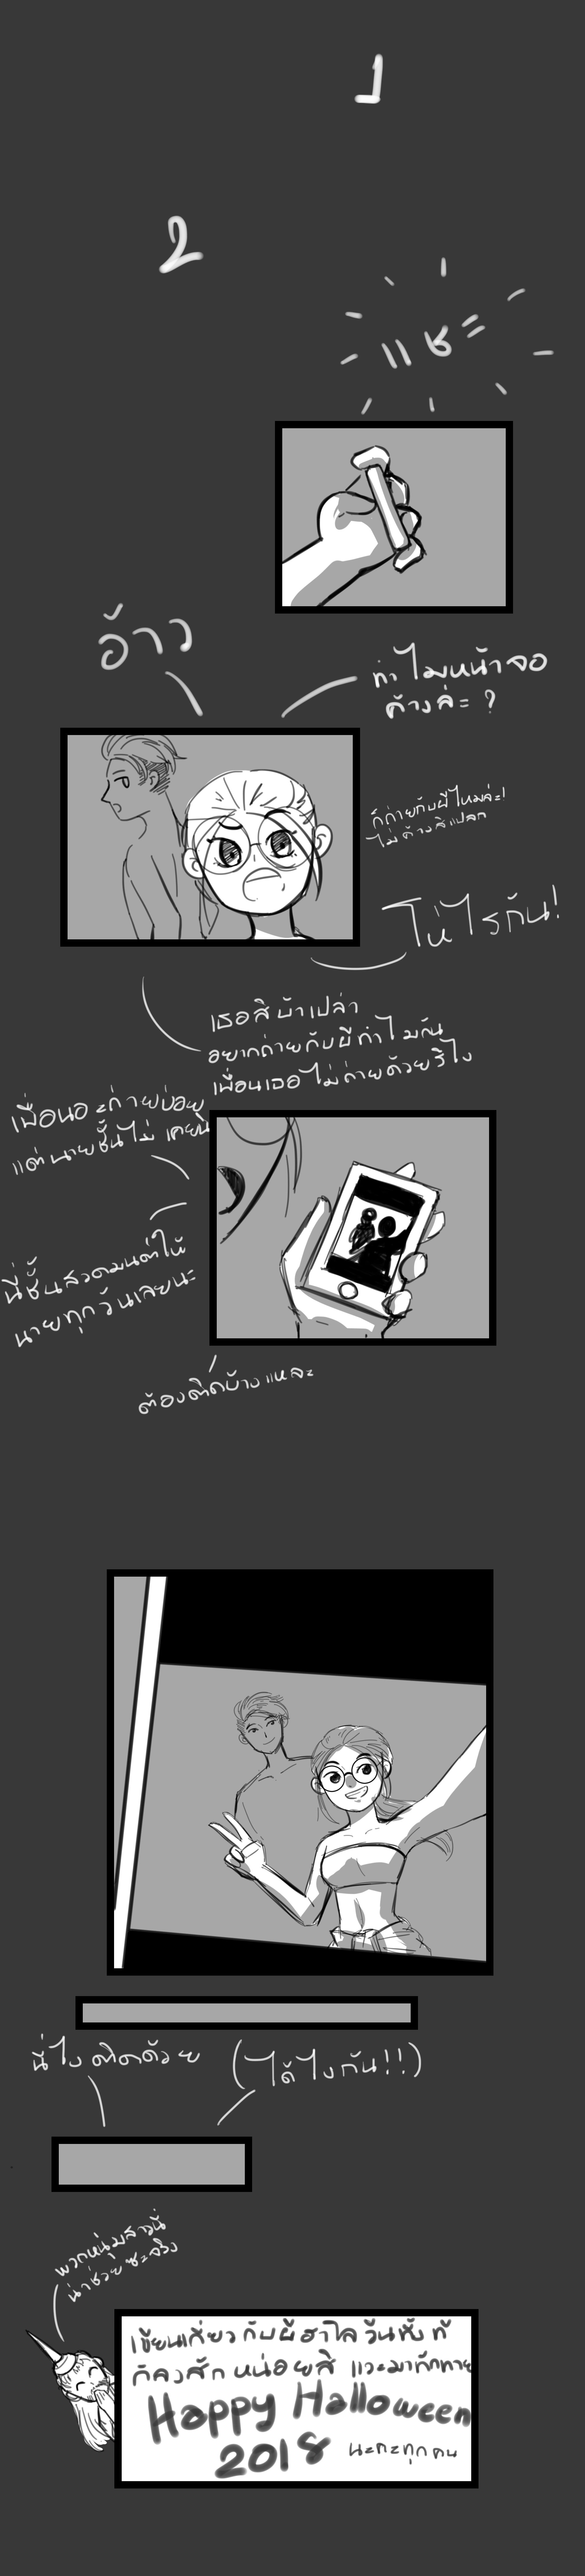 กาล พิเศษ - ถ่ายรูป